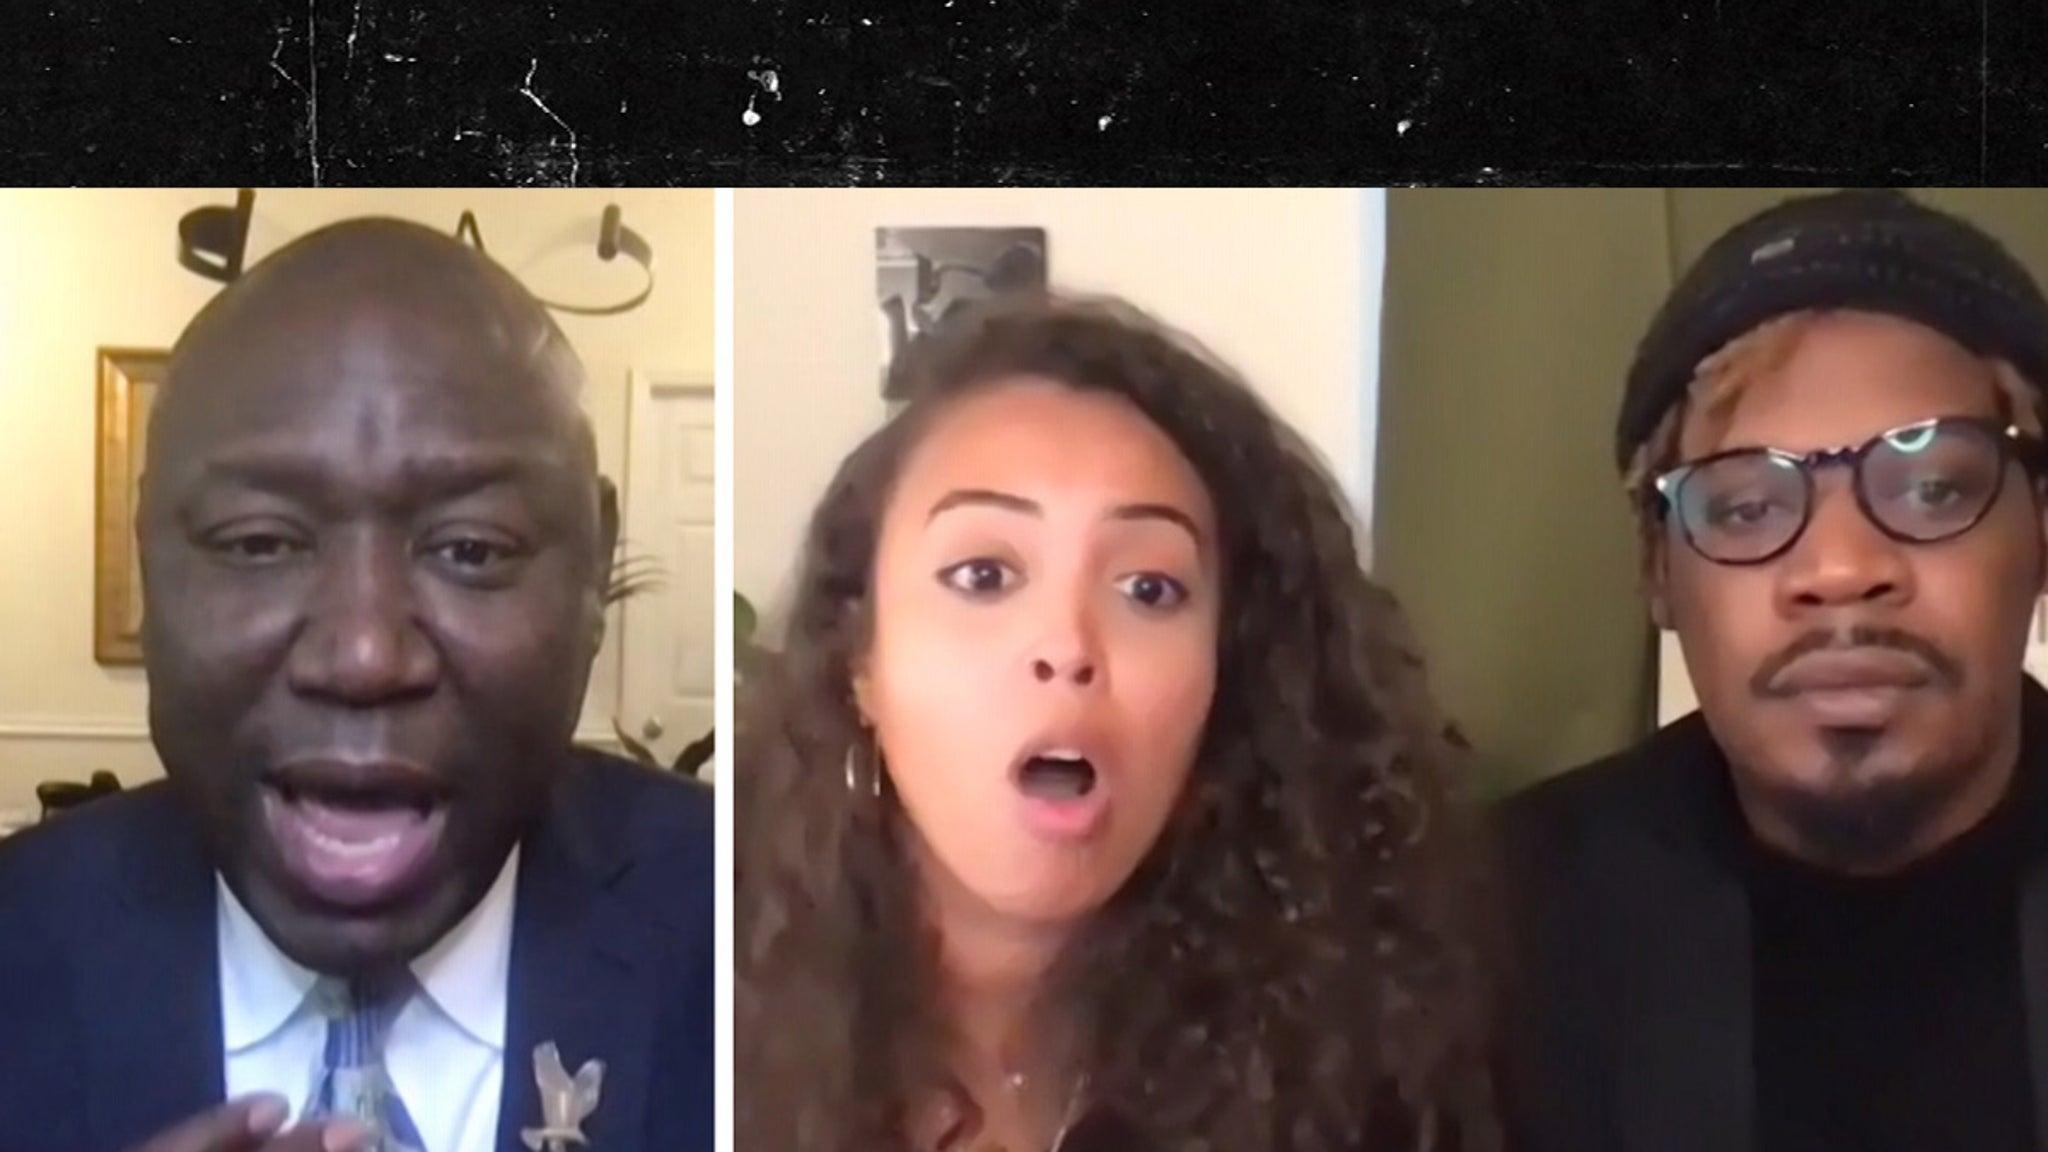 Родители Бен Крампа и Кейона Харролда-младшего называют расовую несправедливость после ареста Сохо 'Карен'